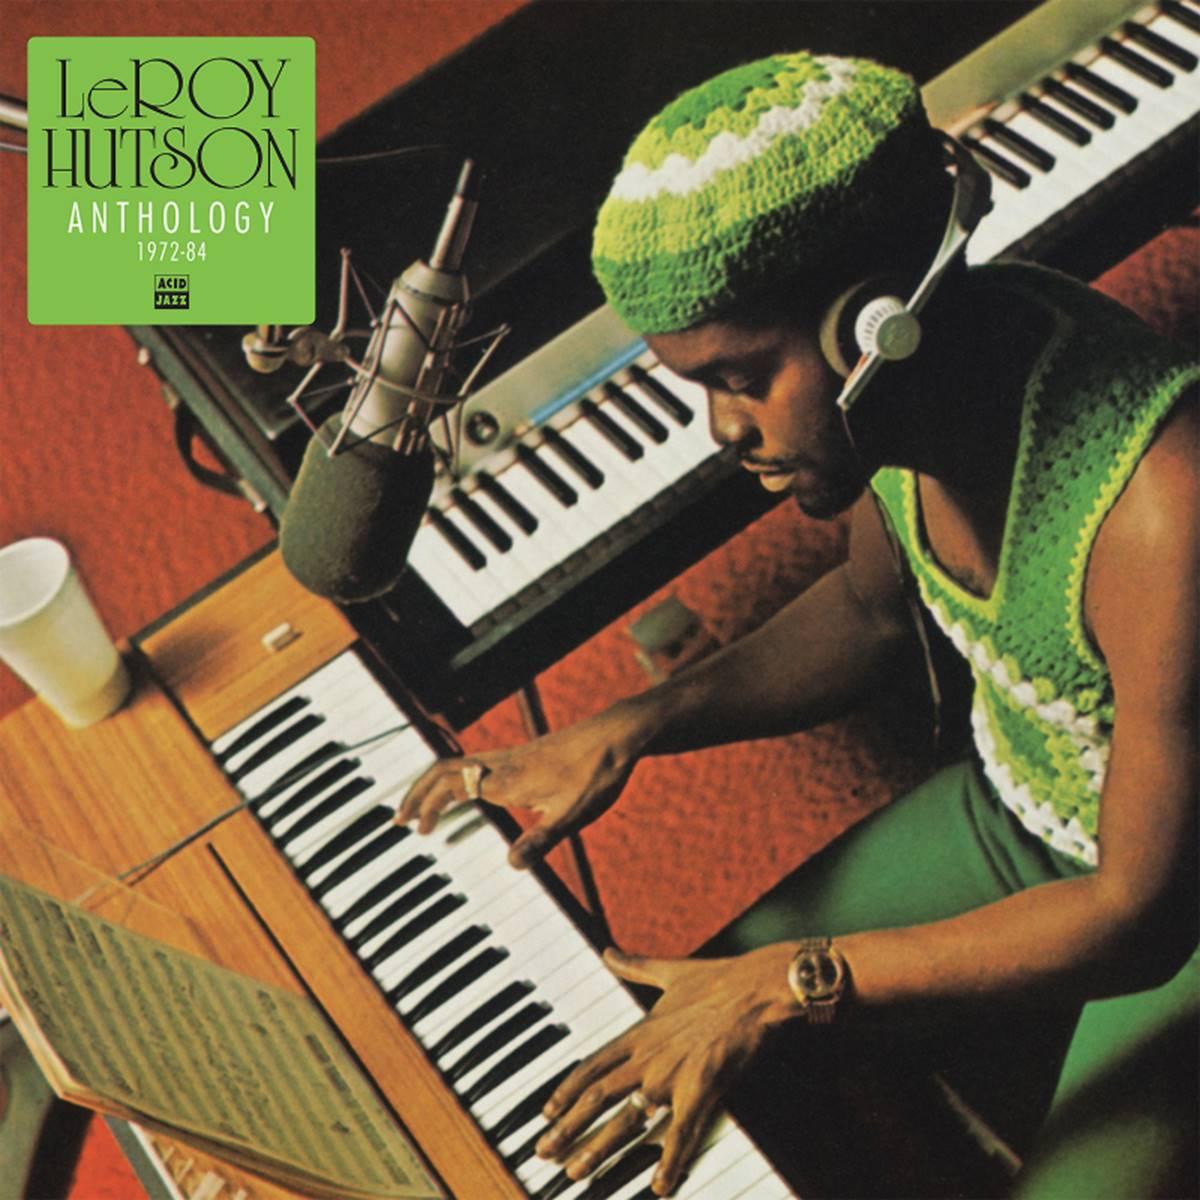 Acid Jazz издал ретроспективу творчества соул-легенды Лероя Хатсона